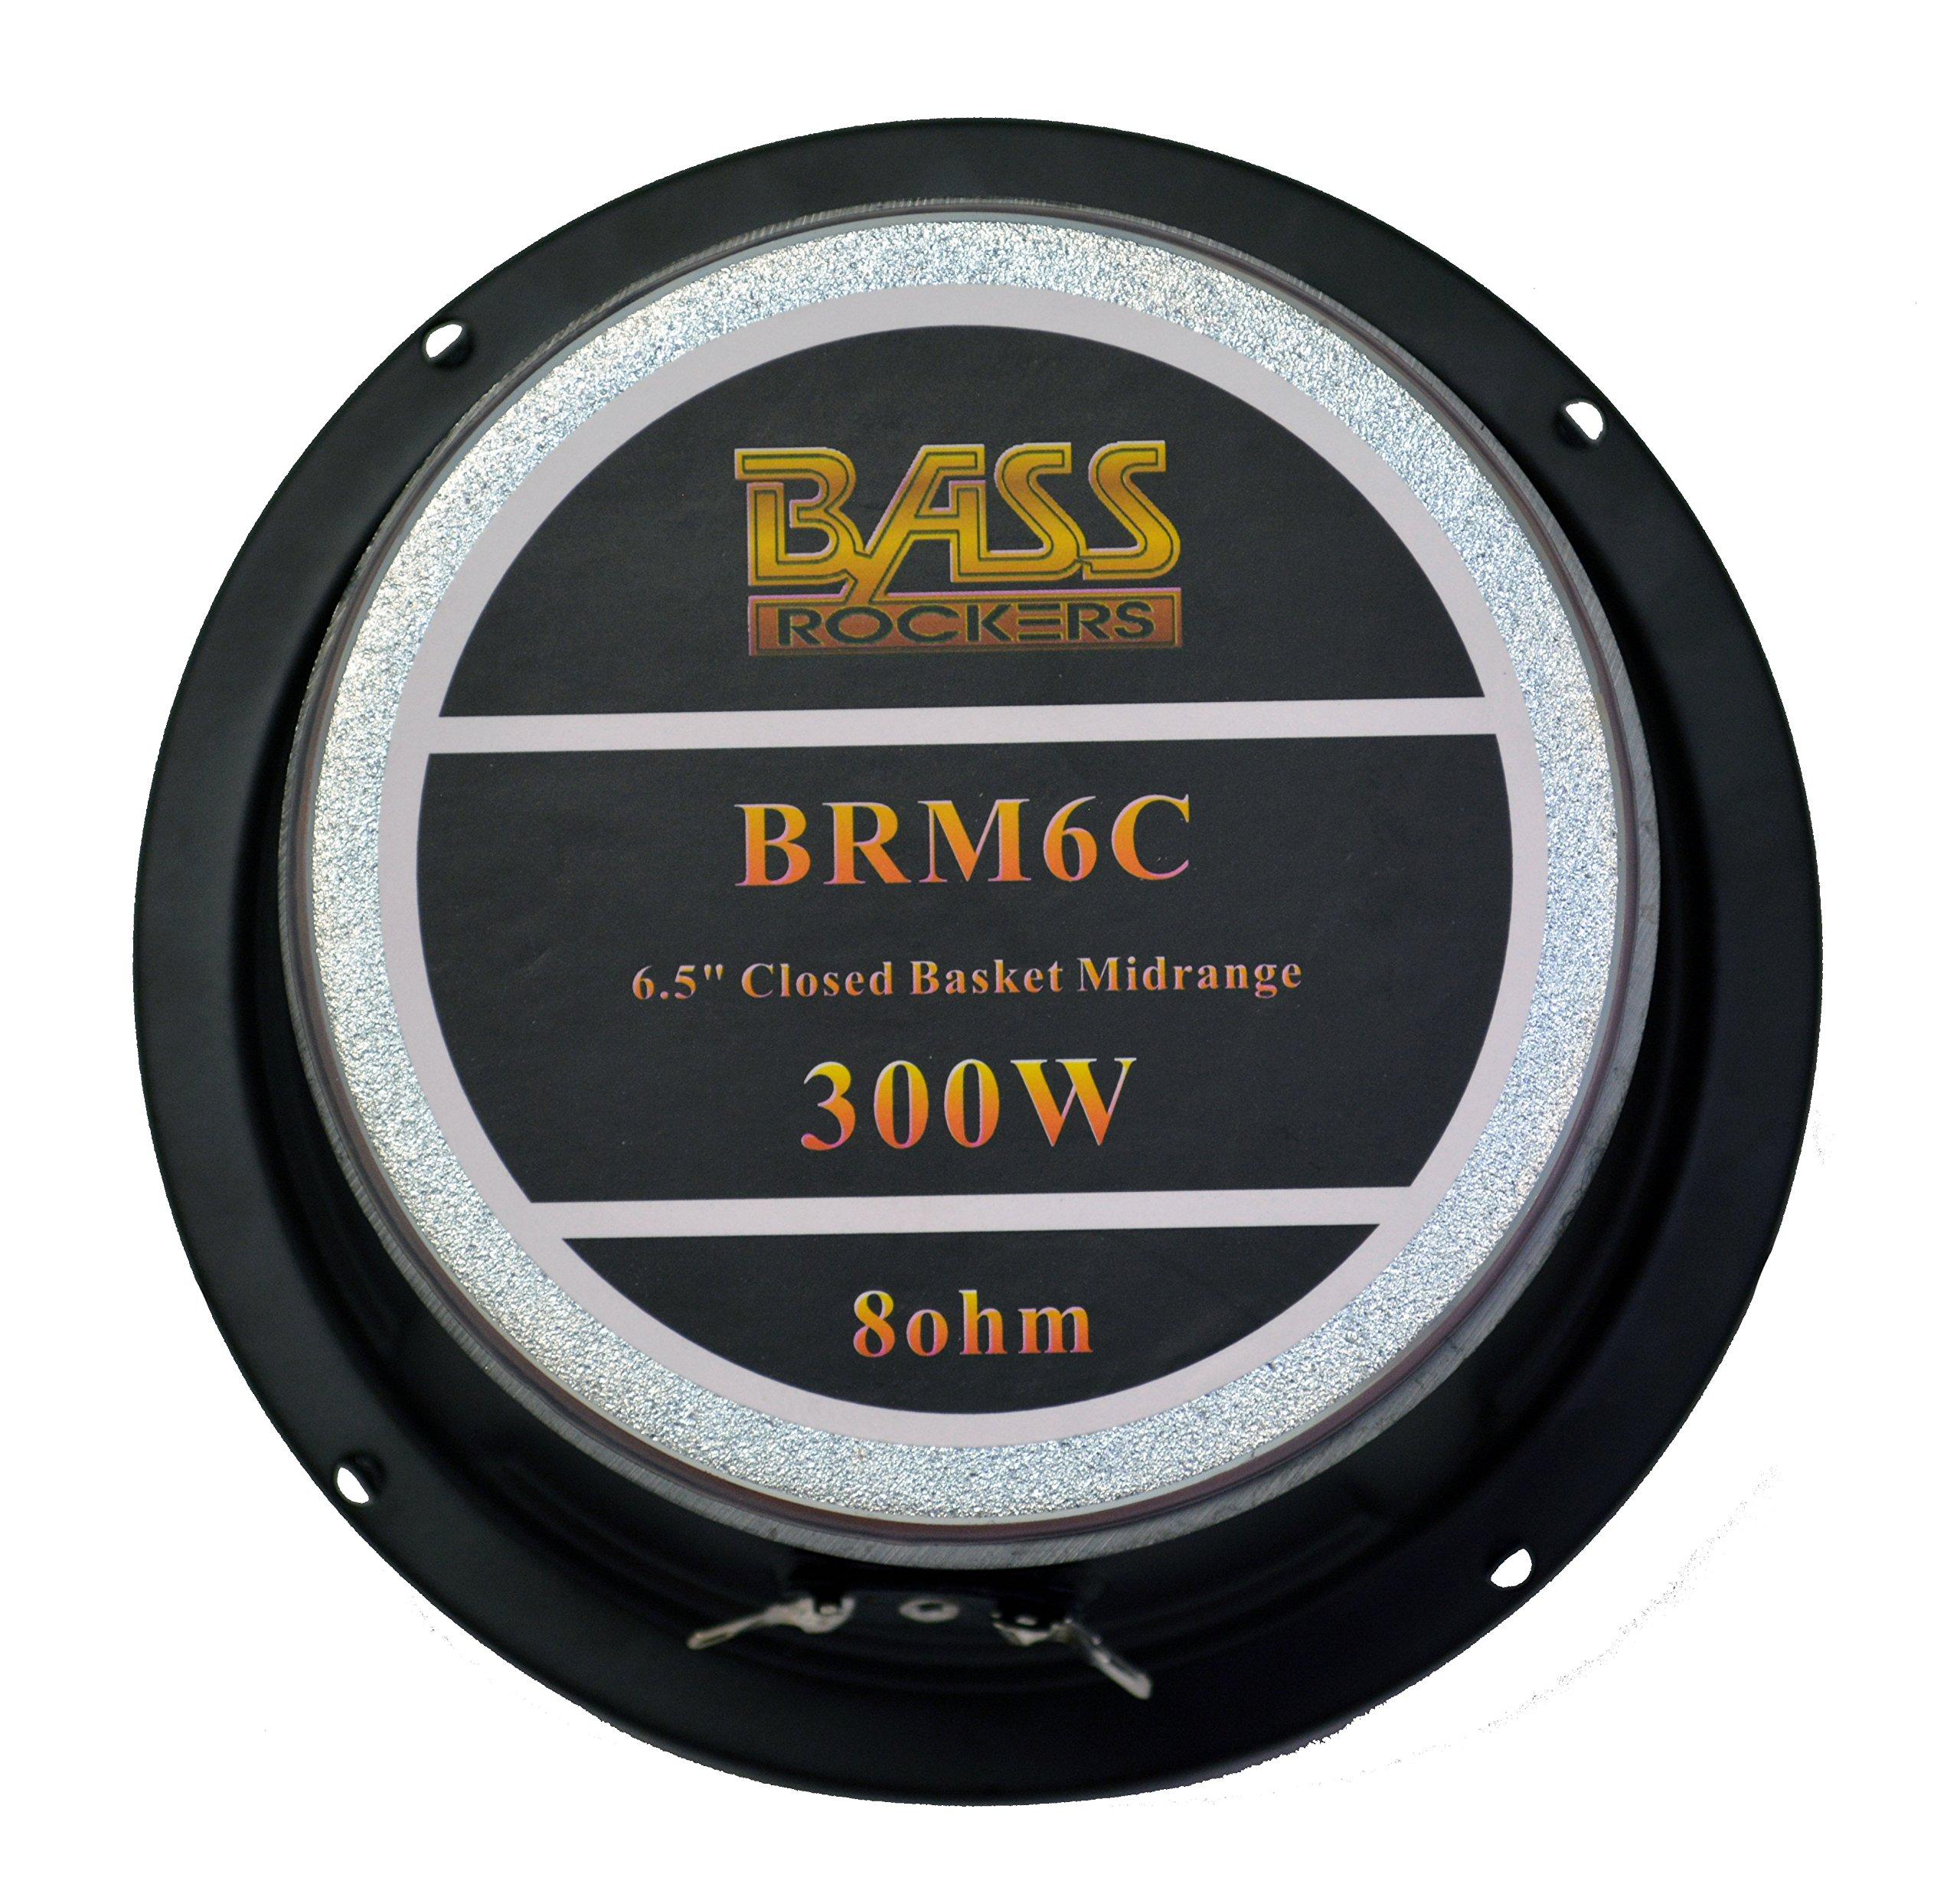 Bass Rockers 6.5'' 300W Closed Basket Mid-Range Speaker (BRM6C) by Bassrockers.net (Image #4)